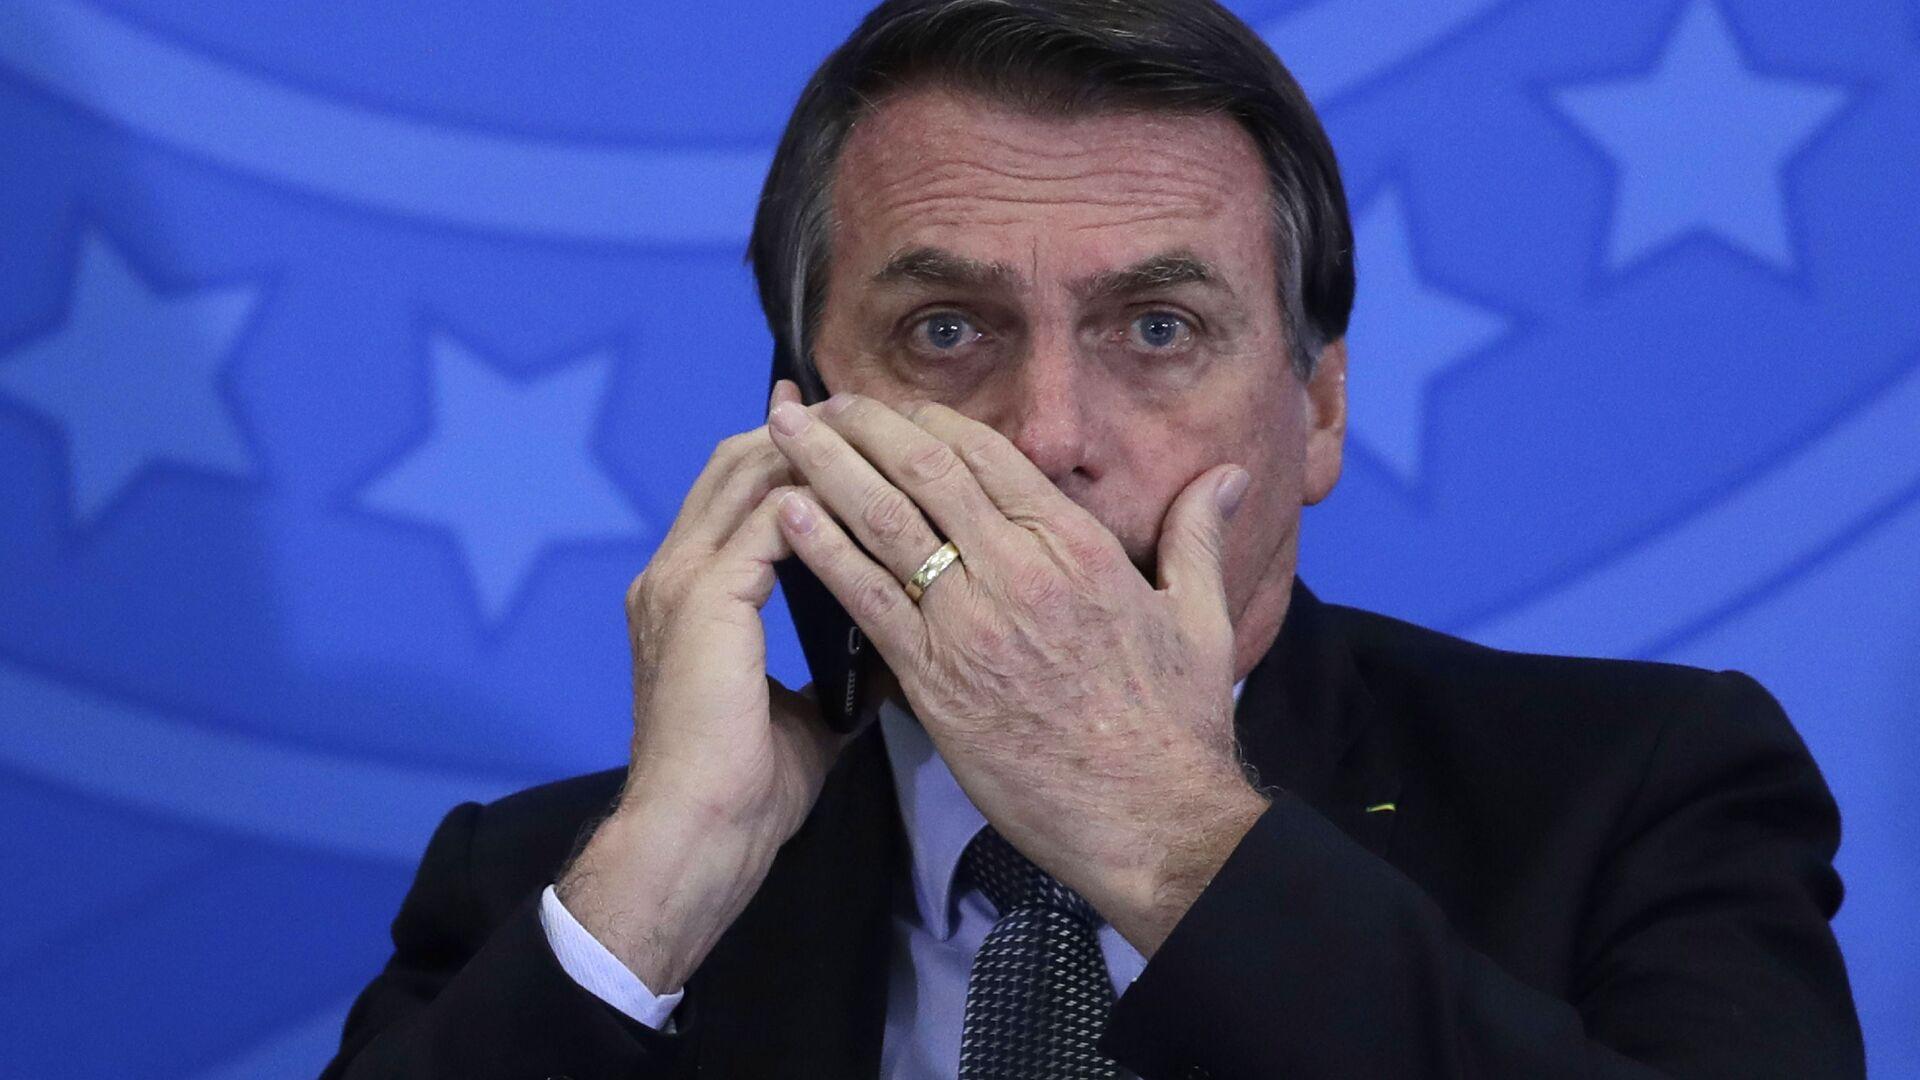 Jair Bolsonaro, presidente de Brasil, habla por teléfono móvil - Sputnik Mundo, 1920, 21.06.2021